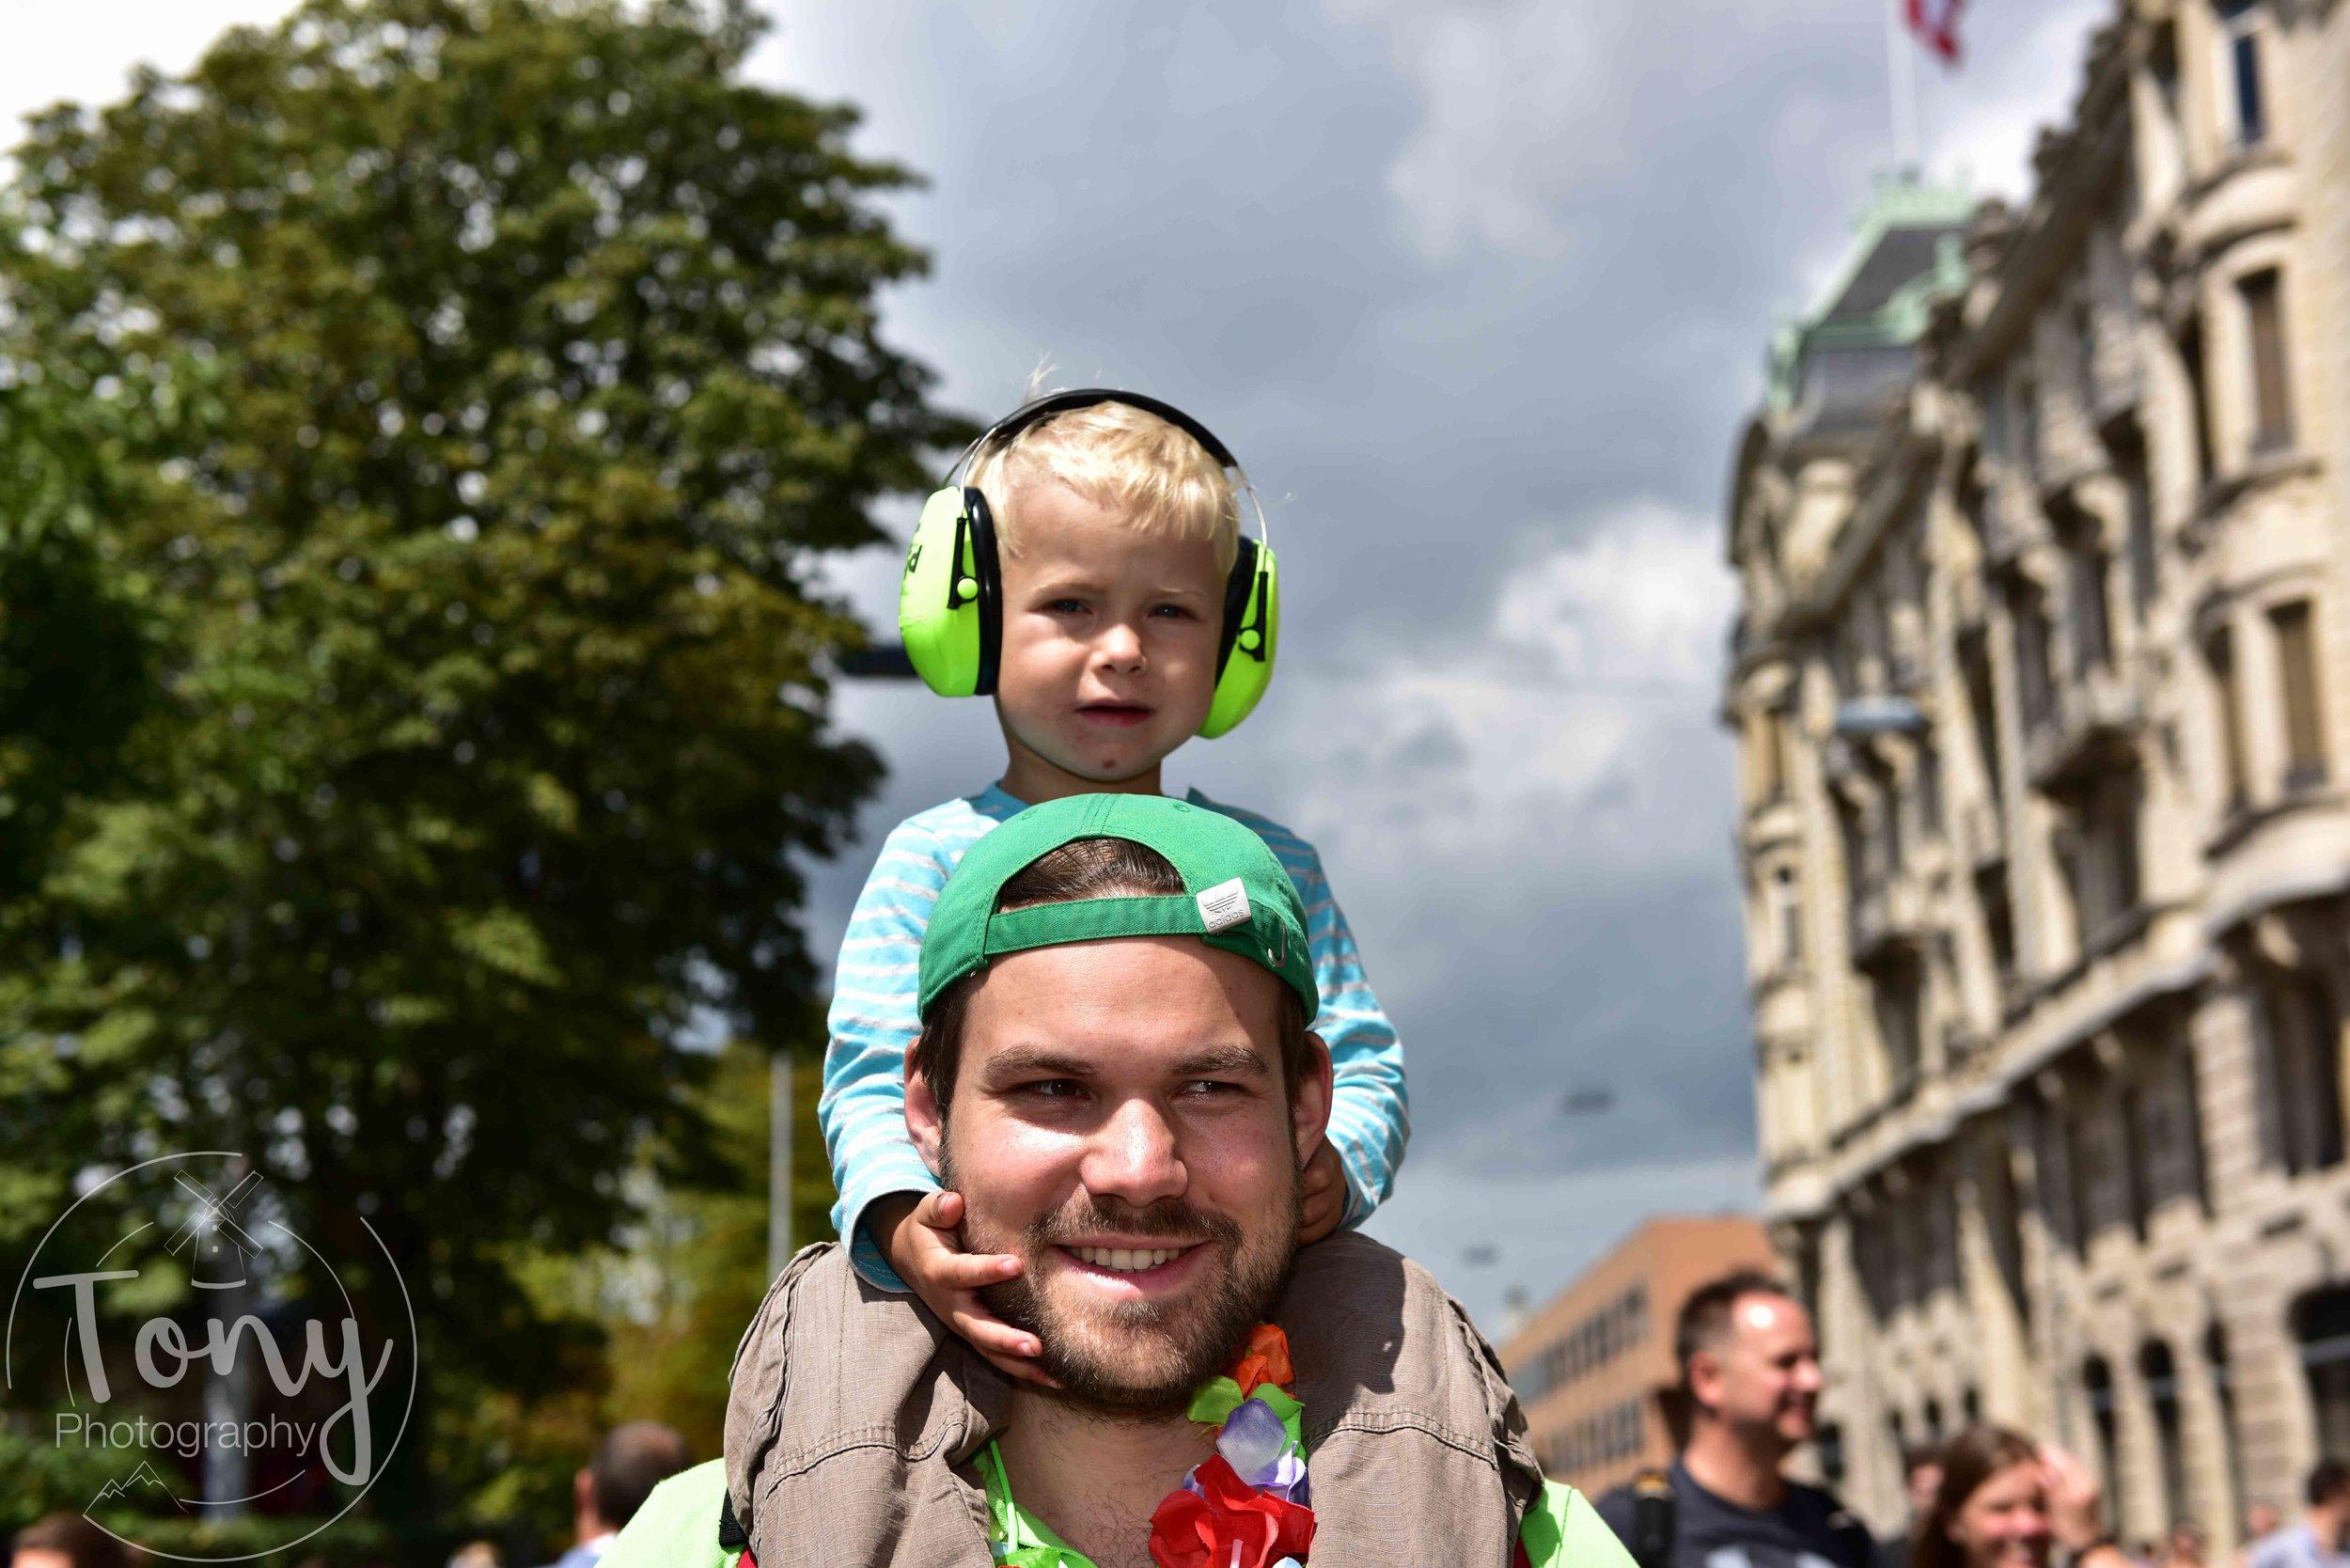 streetparade-35.jpg